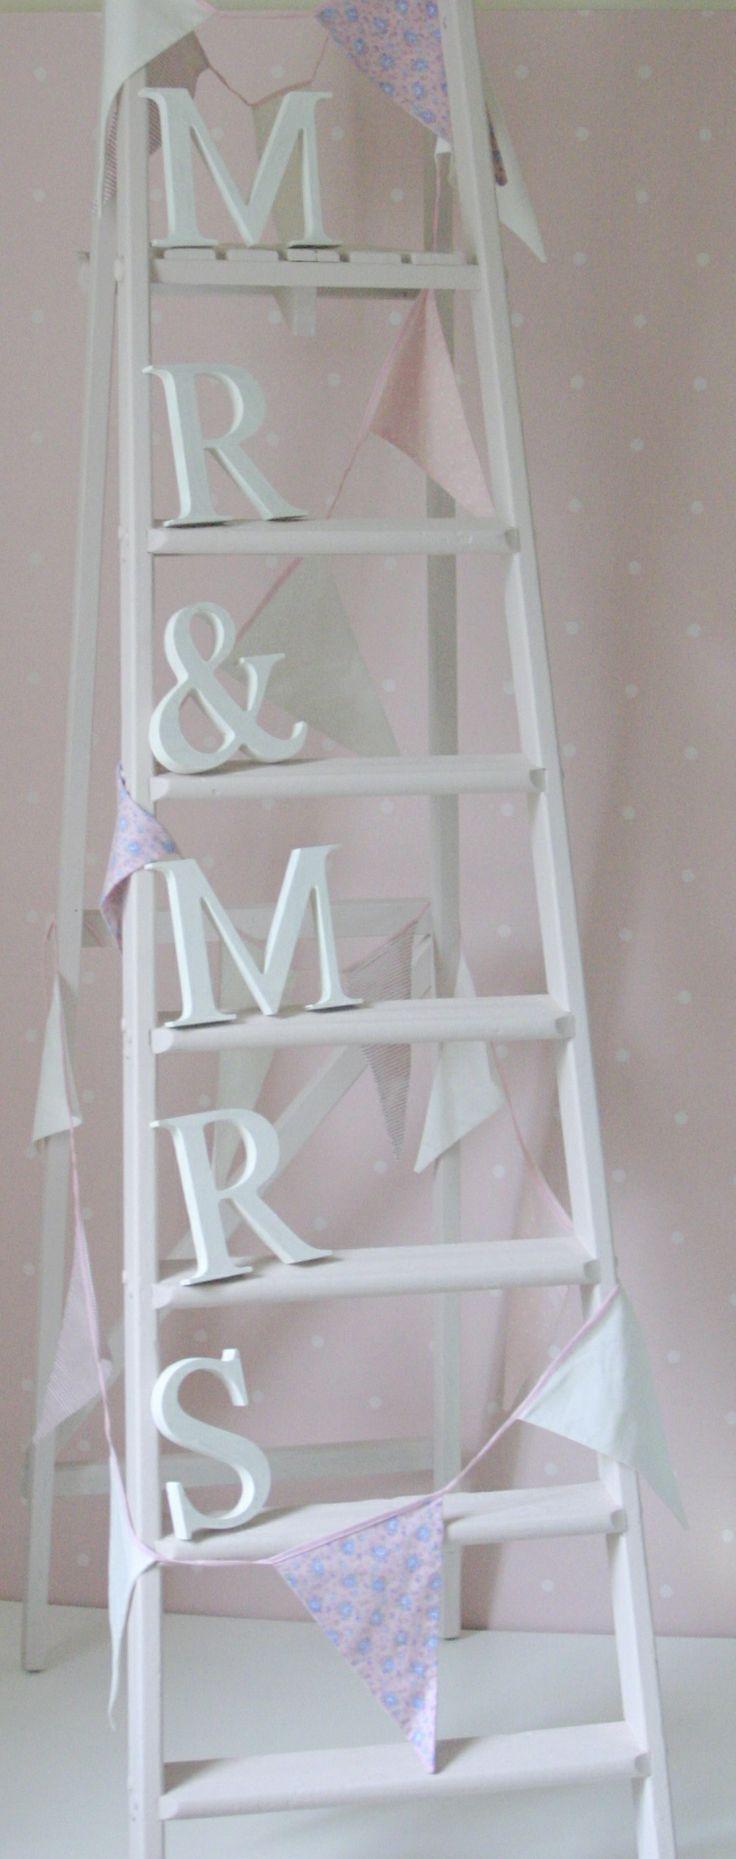 neat wedding decoration vintage ladders pinterest. Black Bedroom Furniture Sets. Home Design Ideas